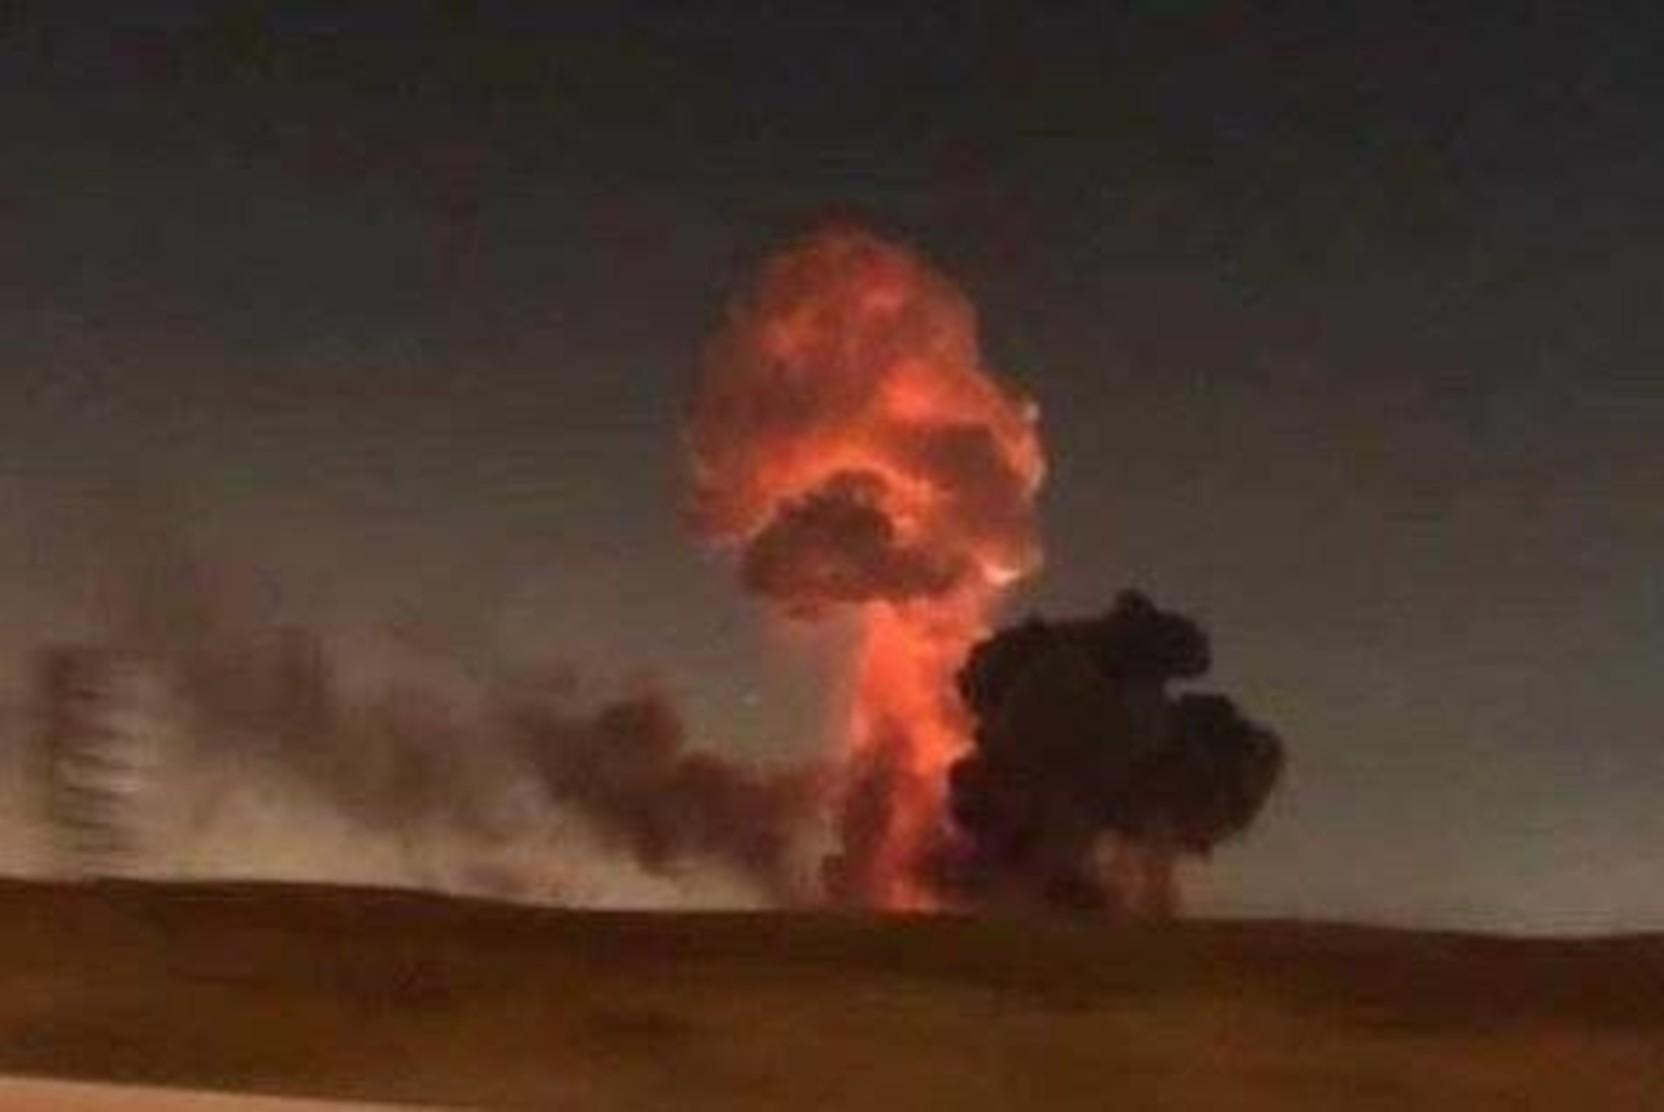 Минэнерго: Транзит газа в Казахстан прекращен после взрыва газопровода под Оренбургом